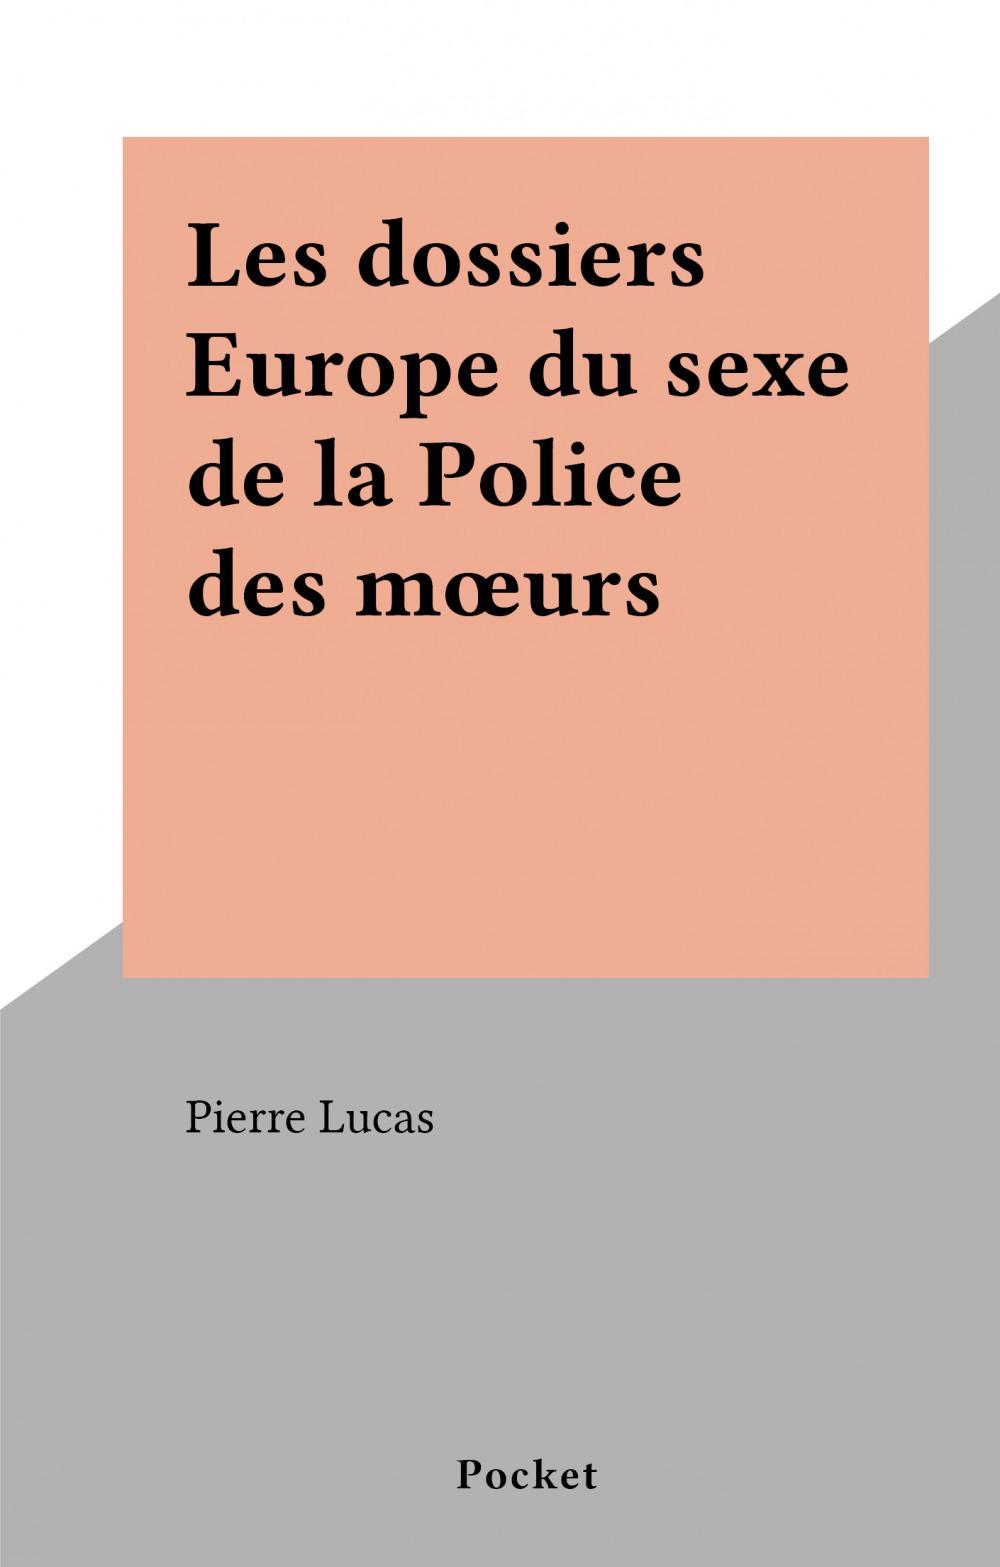 Les dossiers Europe du sexe de la Police des moeurs